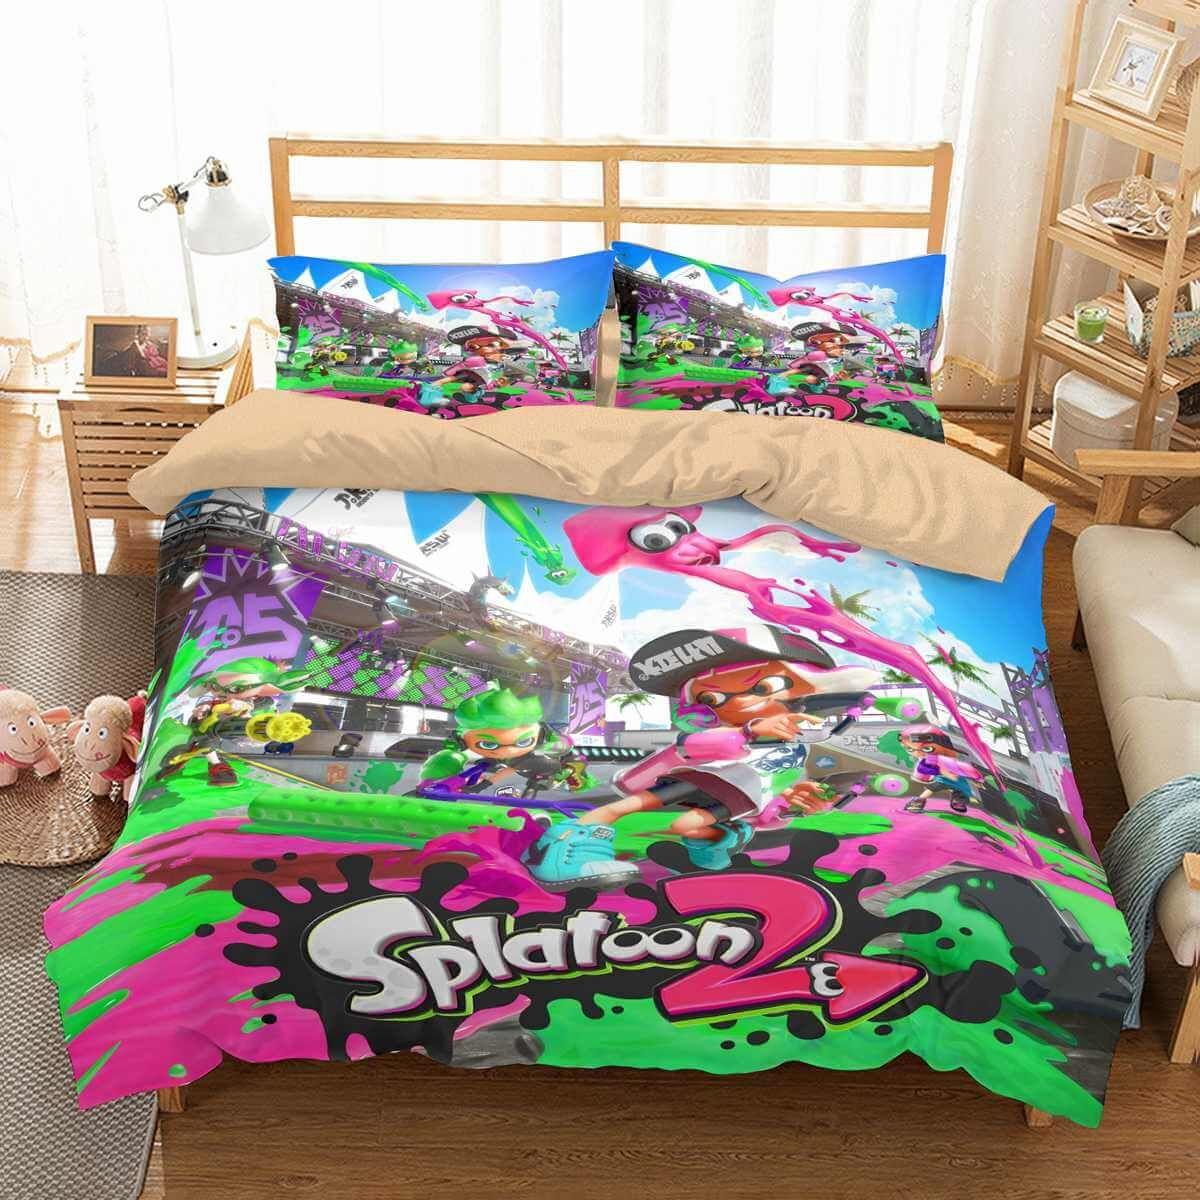 41a46b46172d 3D Customize Splatoon 2 Bedding Set Duvet Cover Set Bedroom Set Bedlinen